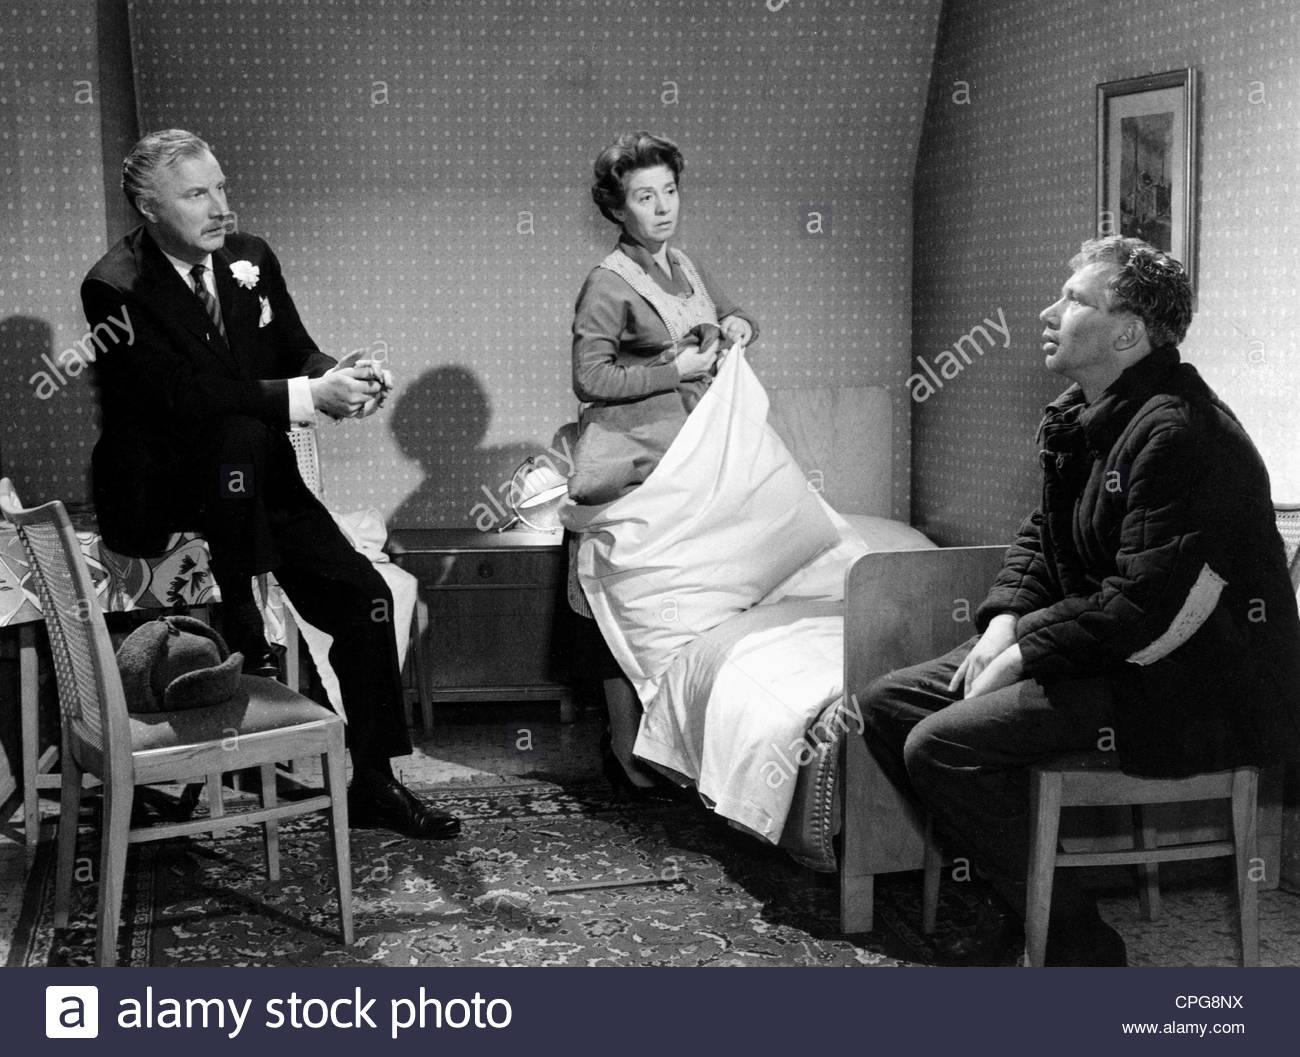 """Meysel Inge, 30.5.1910 - 10.7.2004, attrice tedesca, film scena, con Martin detenute e Heinz Reincke in """"Rosen Immagini Stock"""